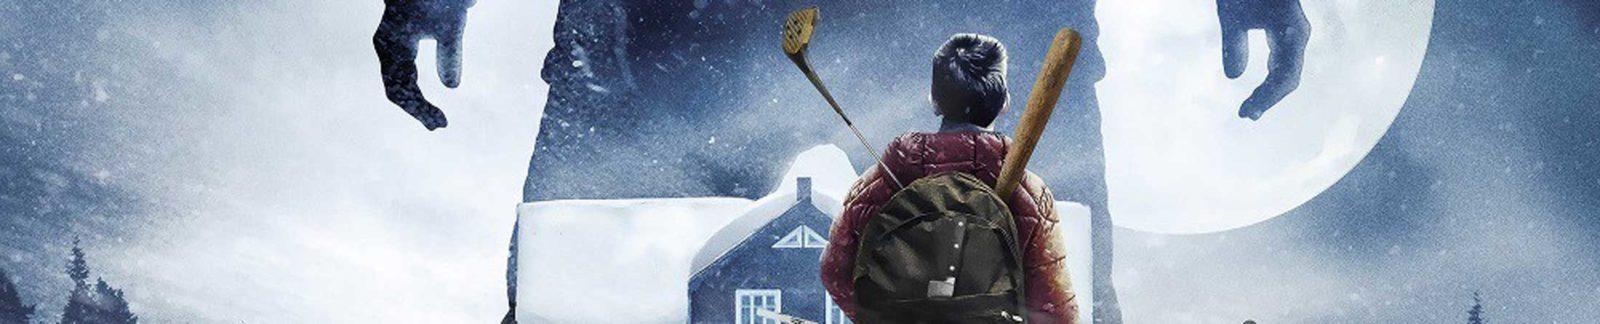 Knuckleball horror movie - header